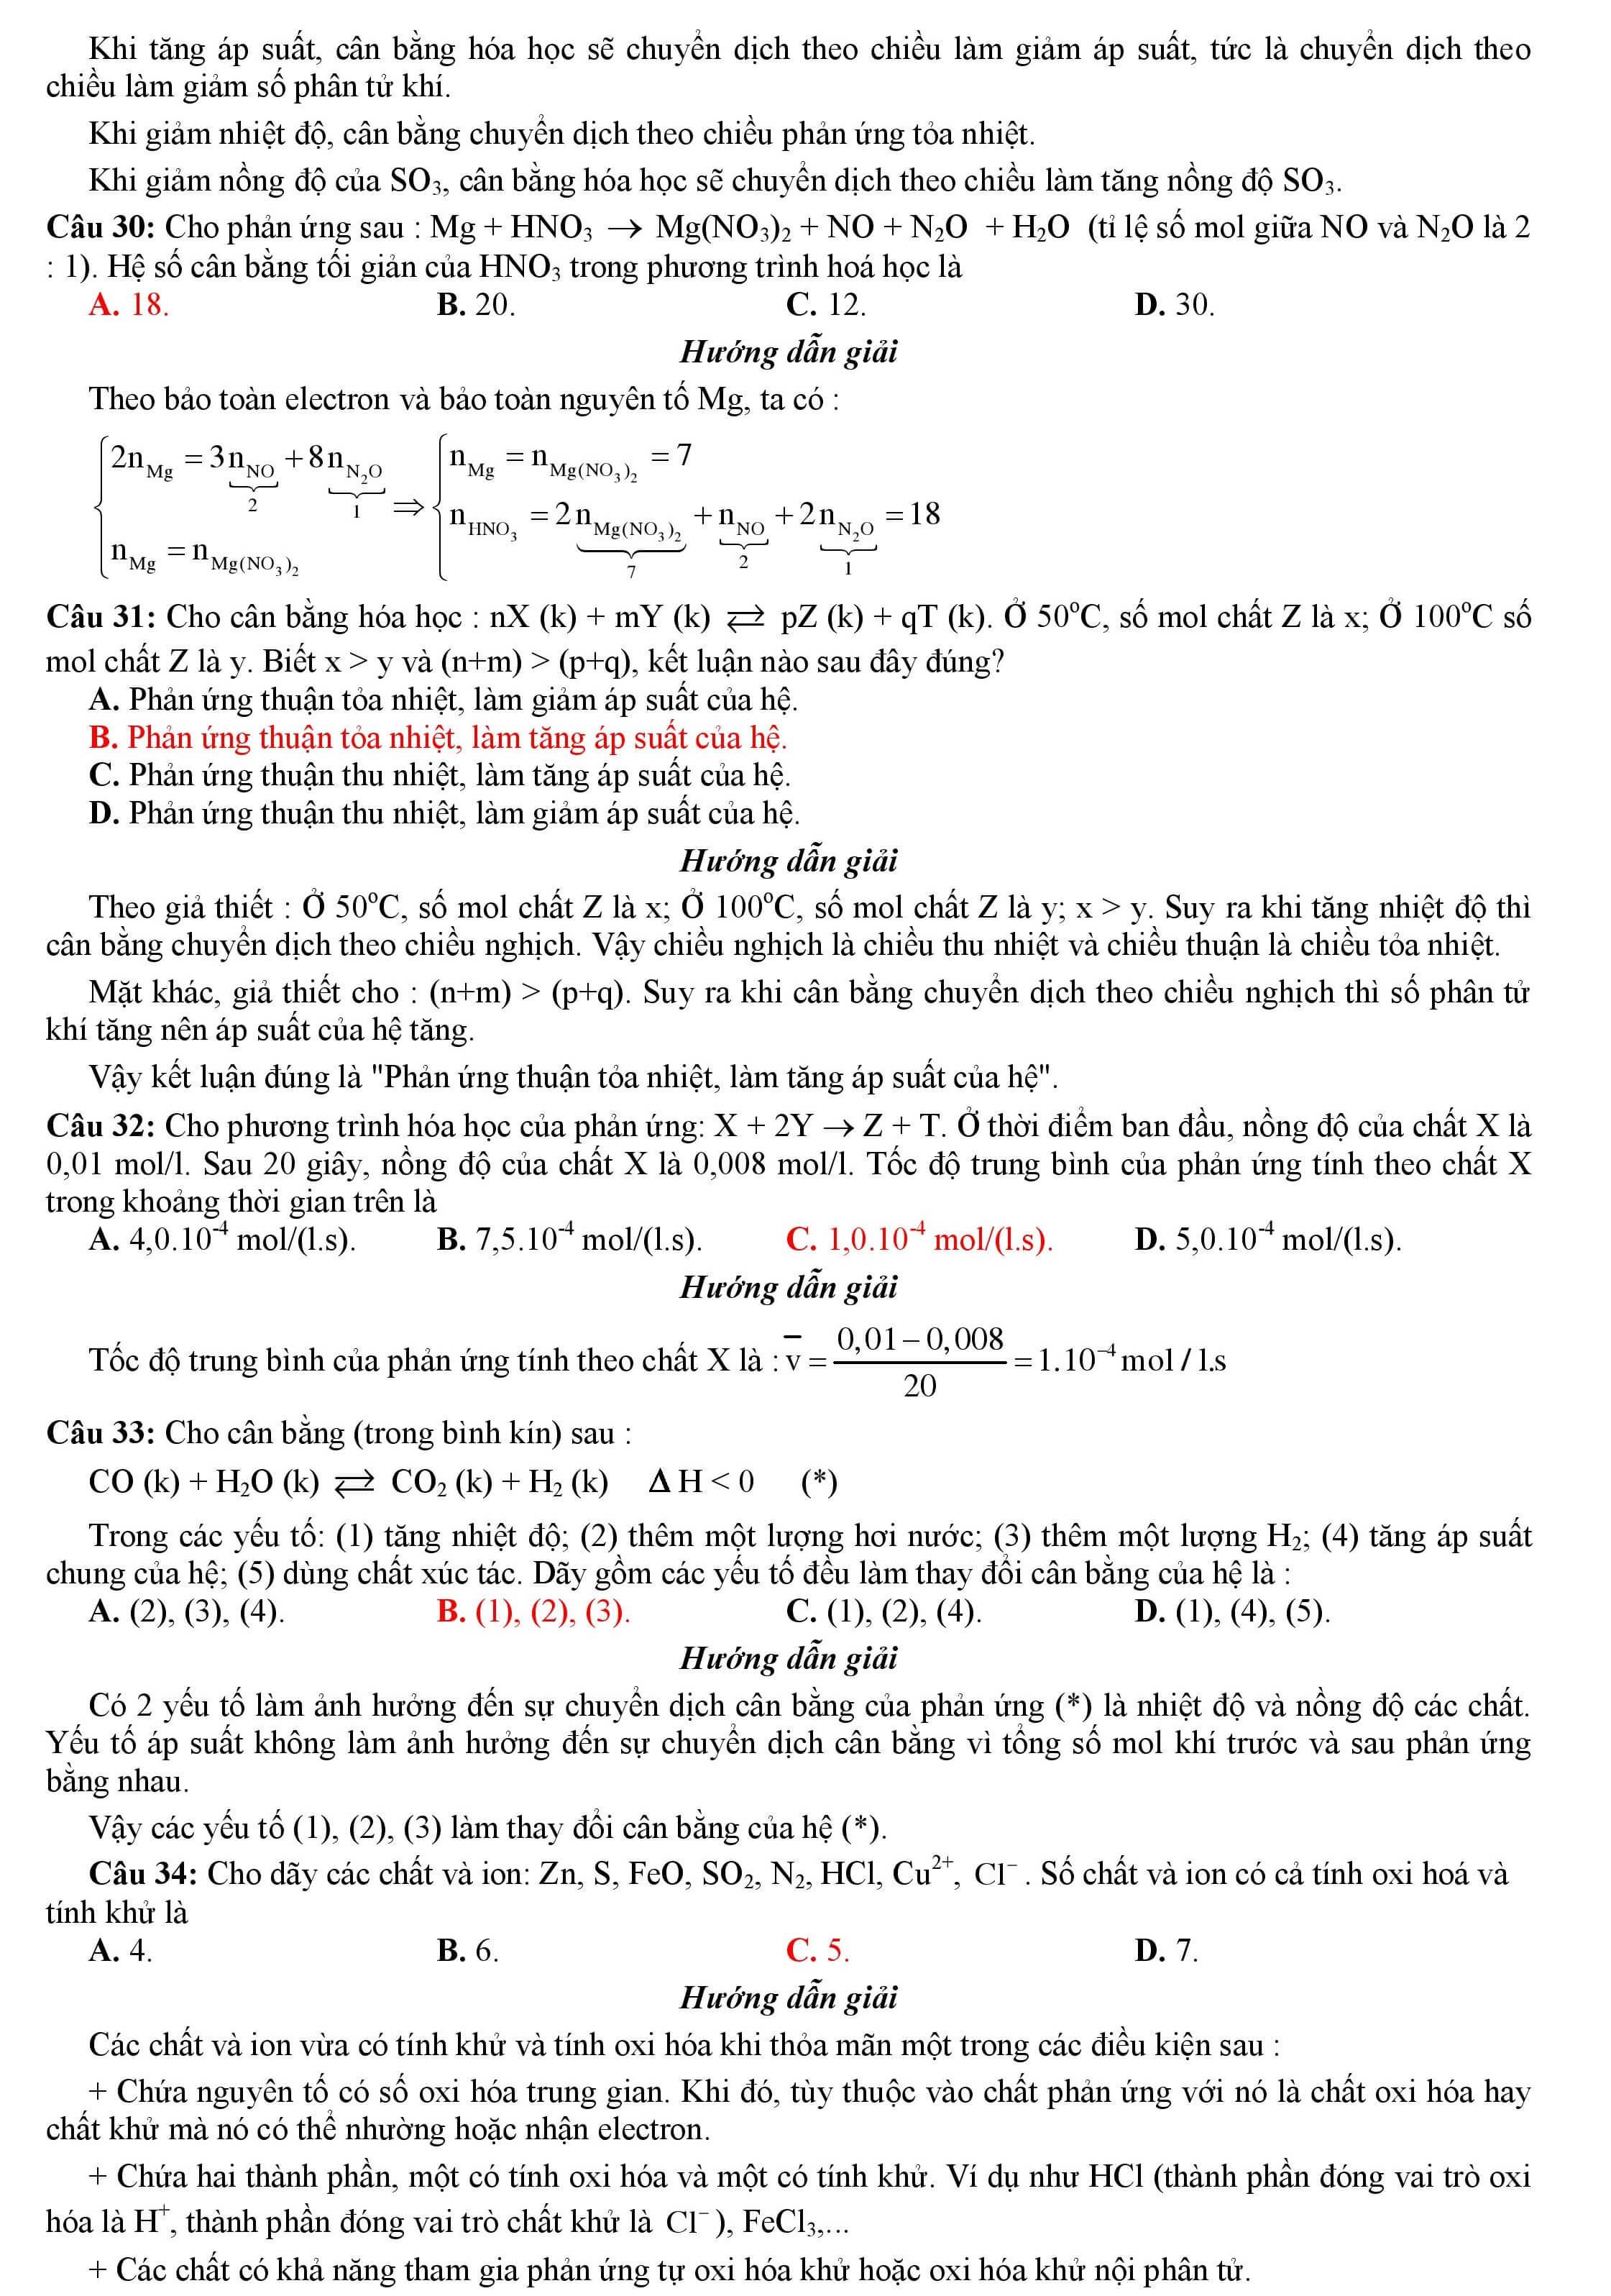 Tốc độ phản ứng và cân bằng hóa học (8).jpg